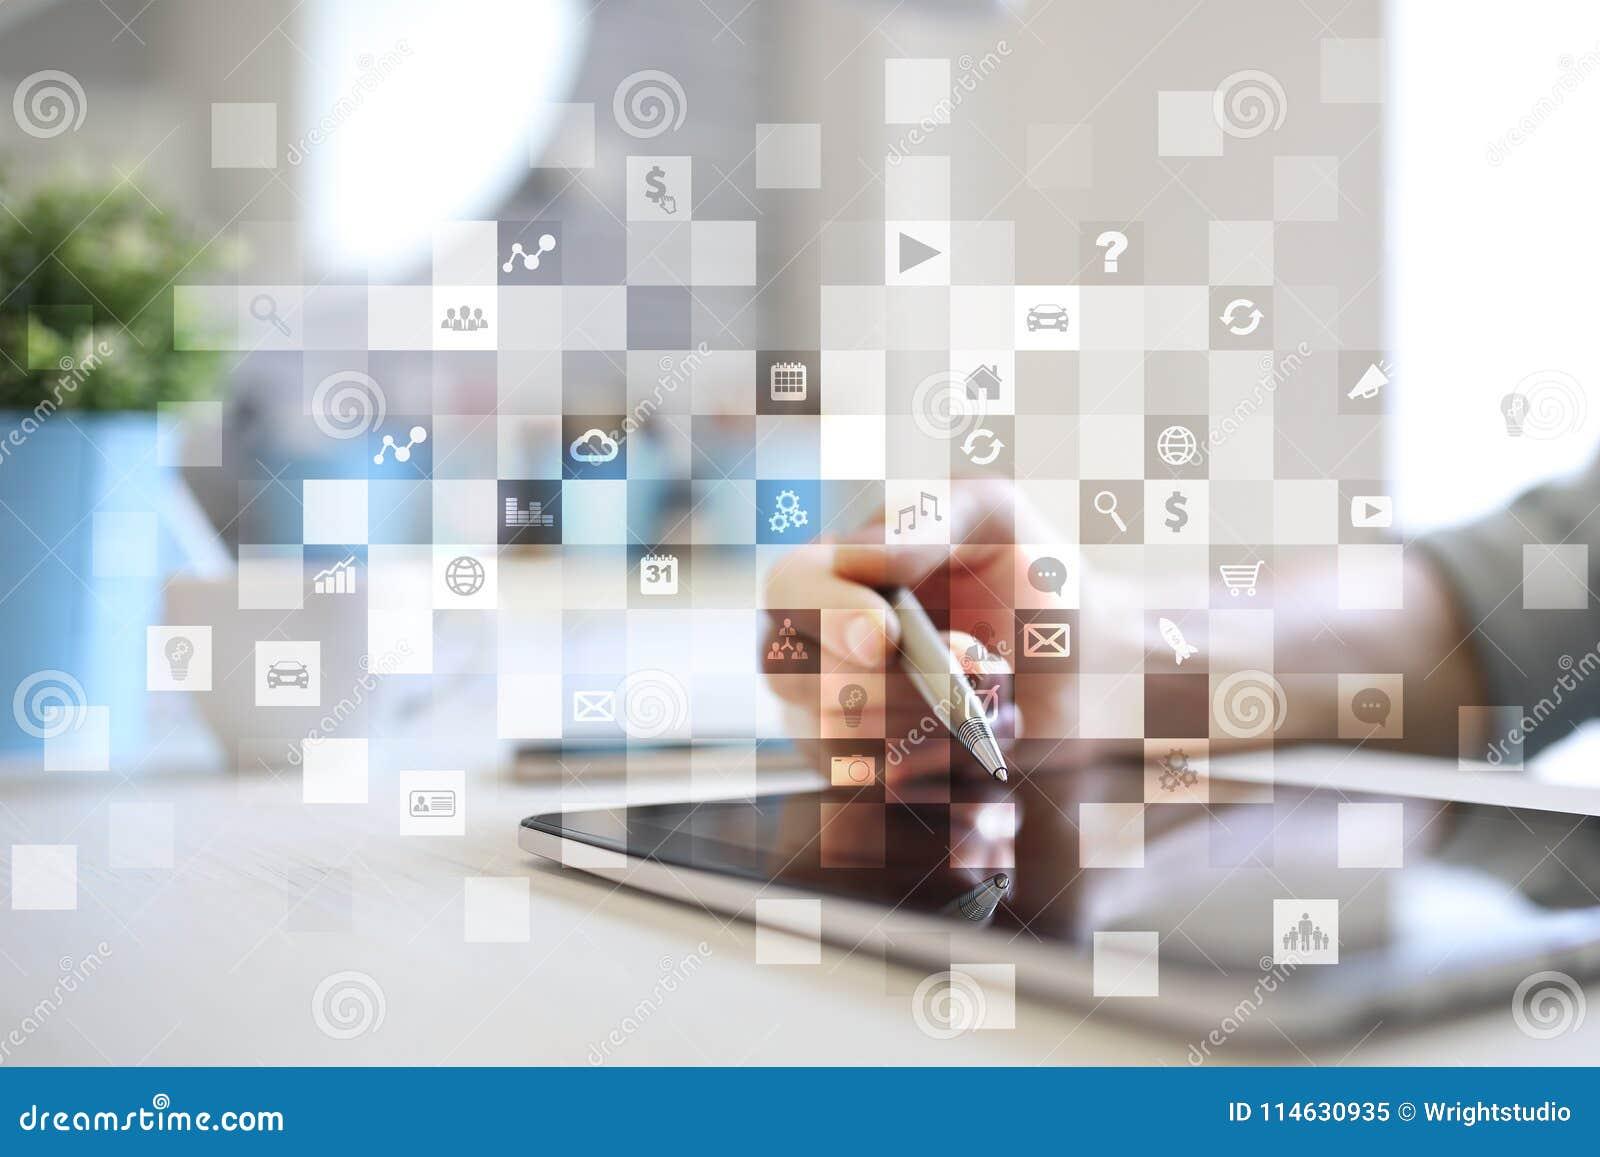 Interface d écran virtuel avec des icônes d applications apps Concept de technologie d Internet de planification de stratégie